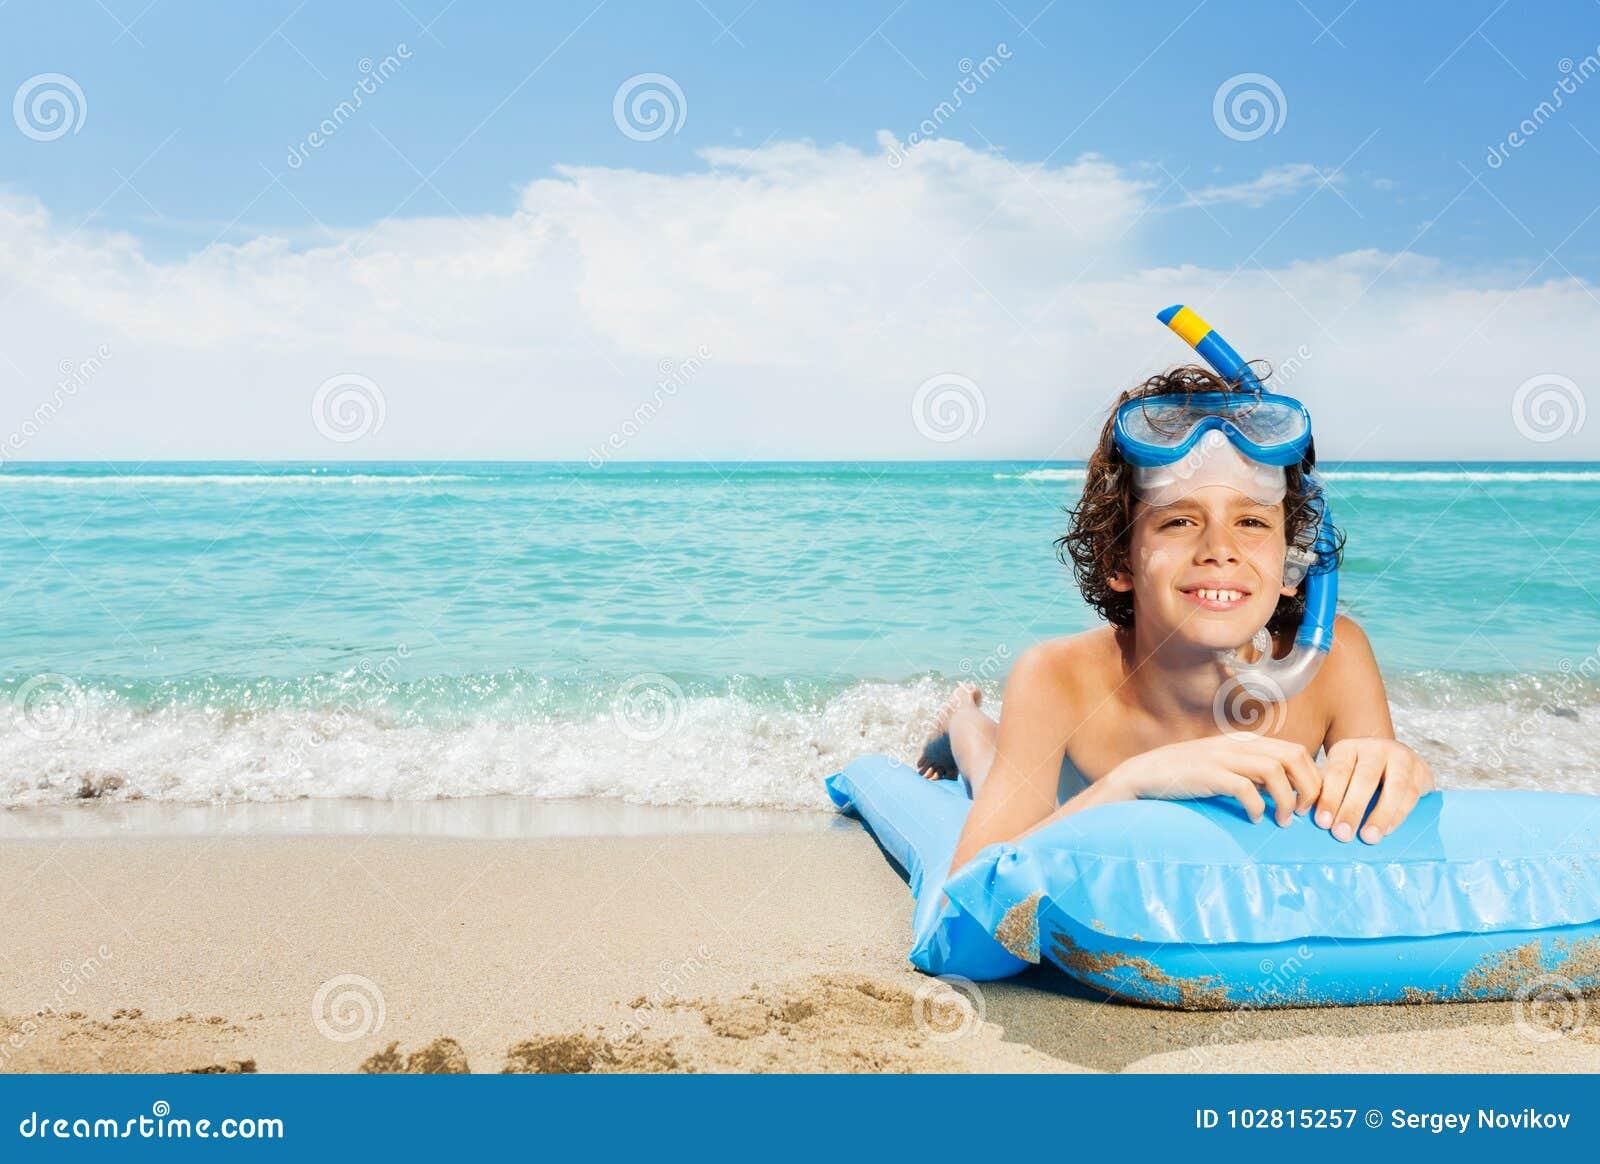 海滩的男孩与在水肺面具的可膨胀的matrass